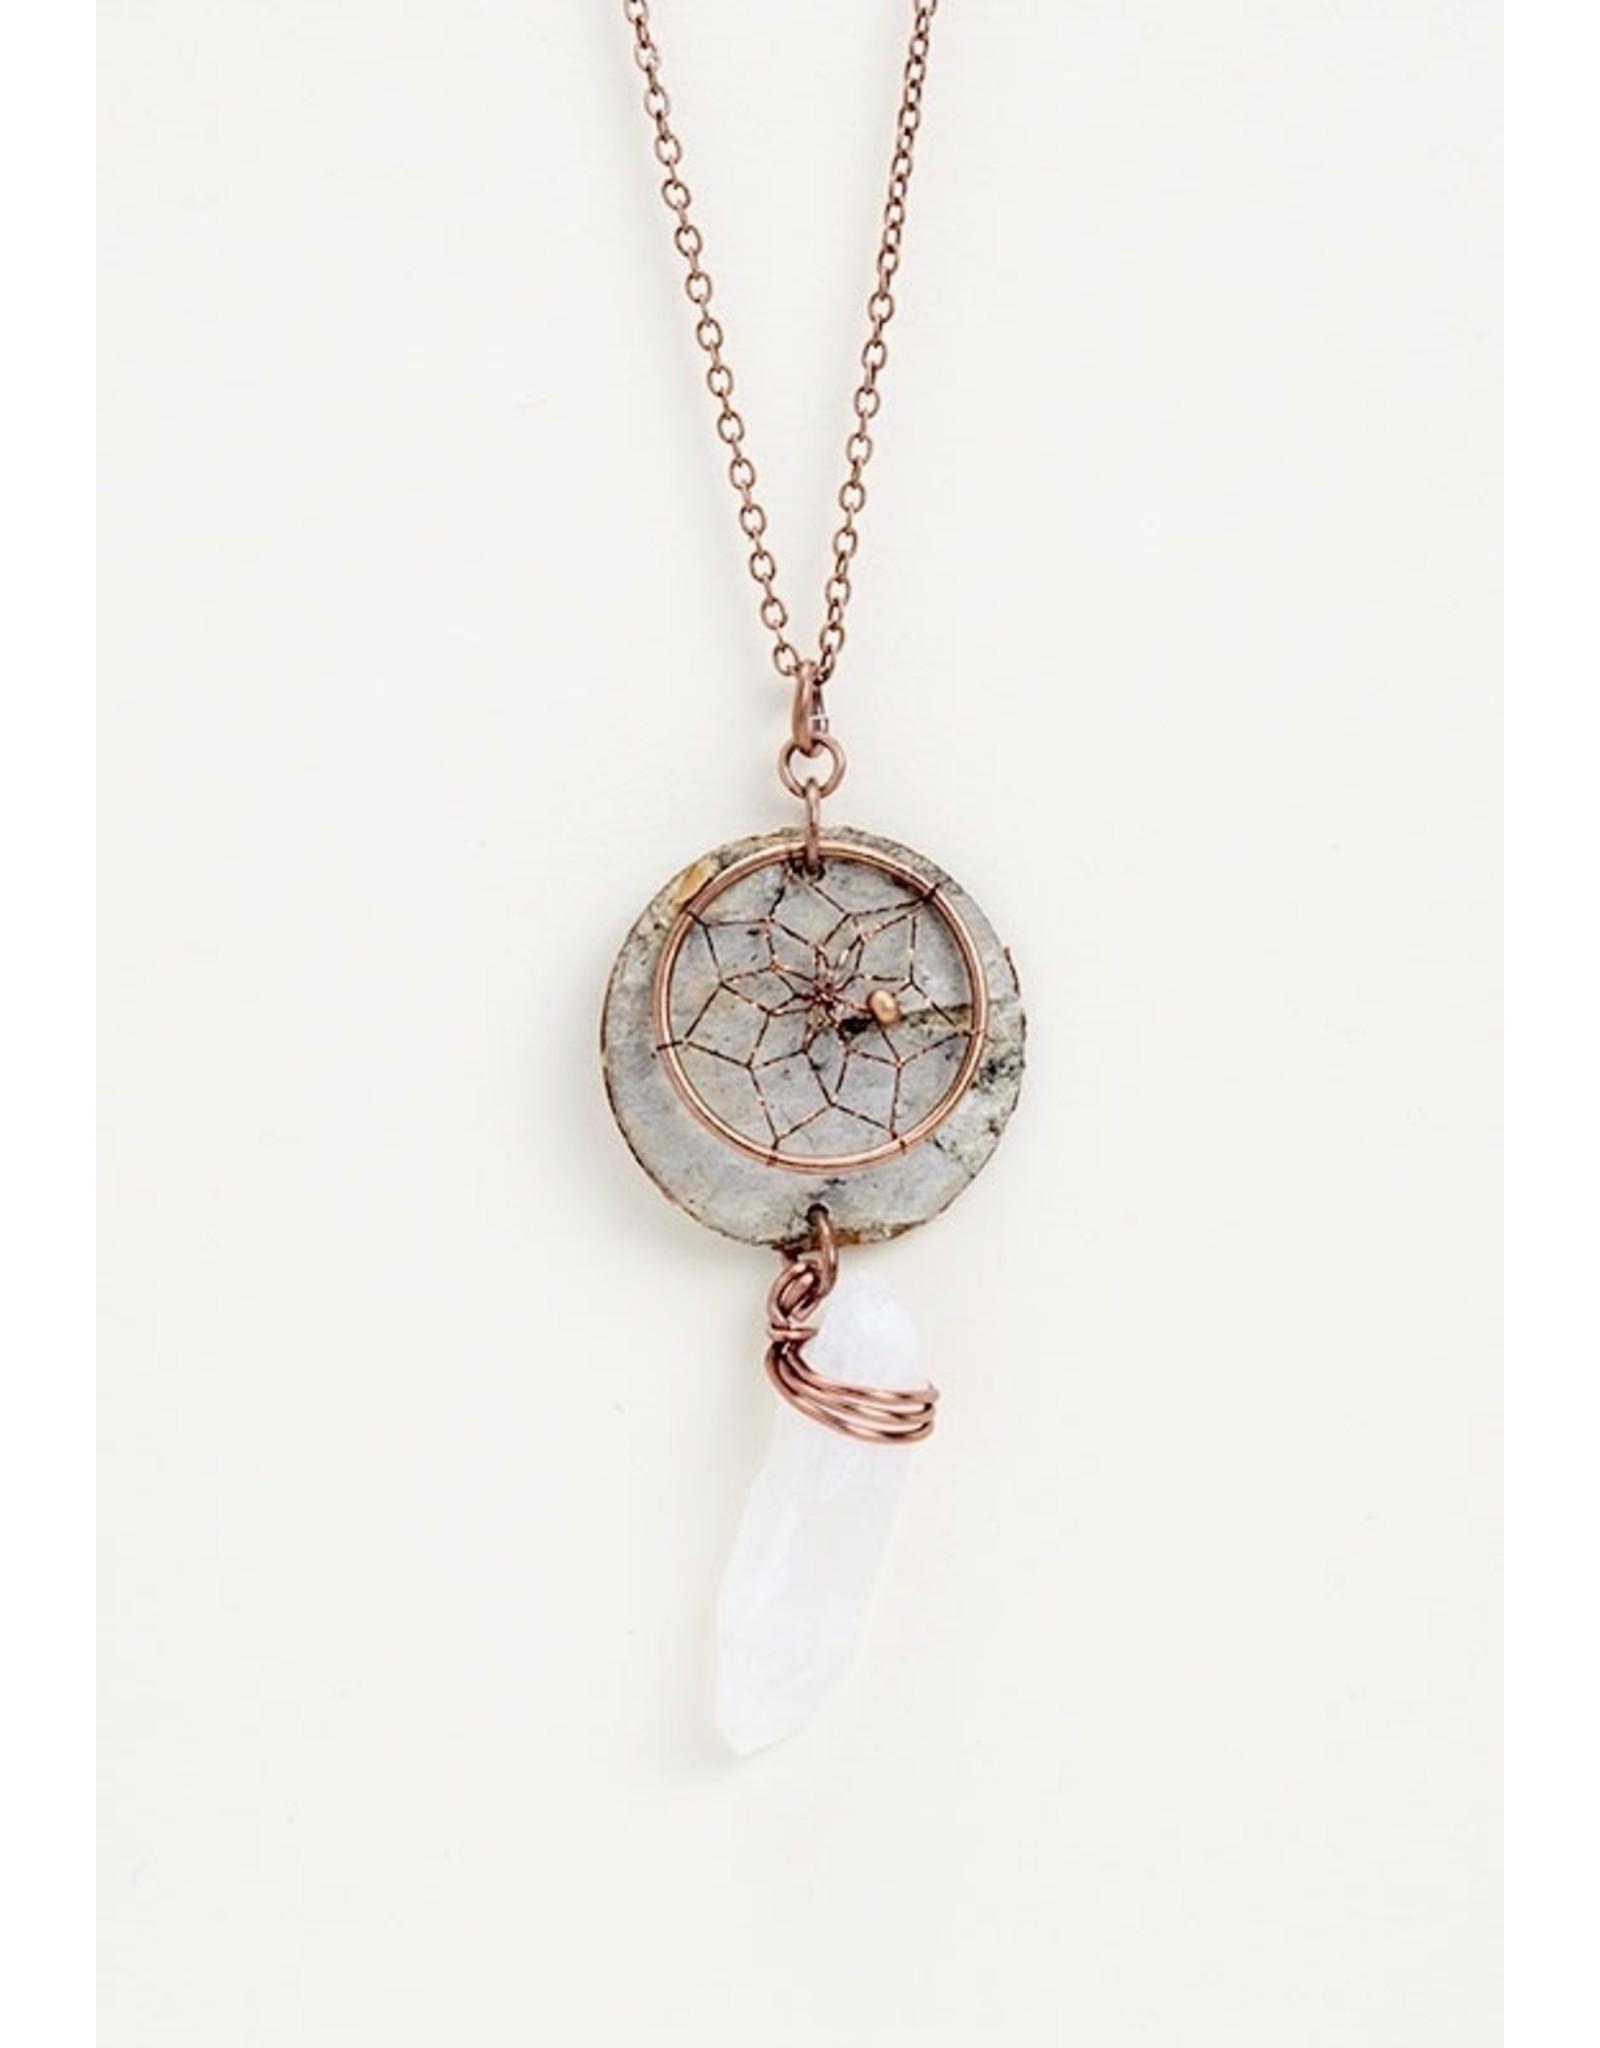 Birch Bark Dreamcatcher Necklace - BB7-P